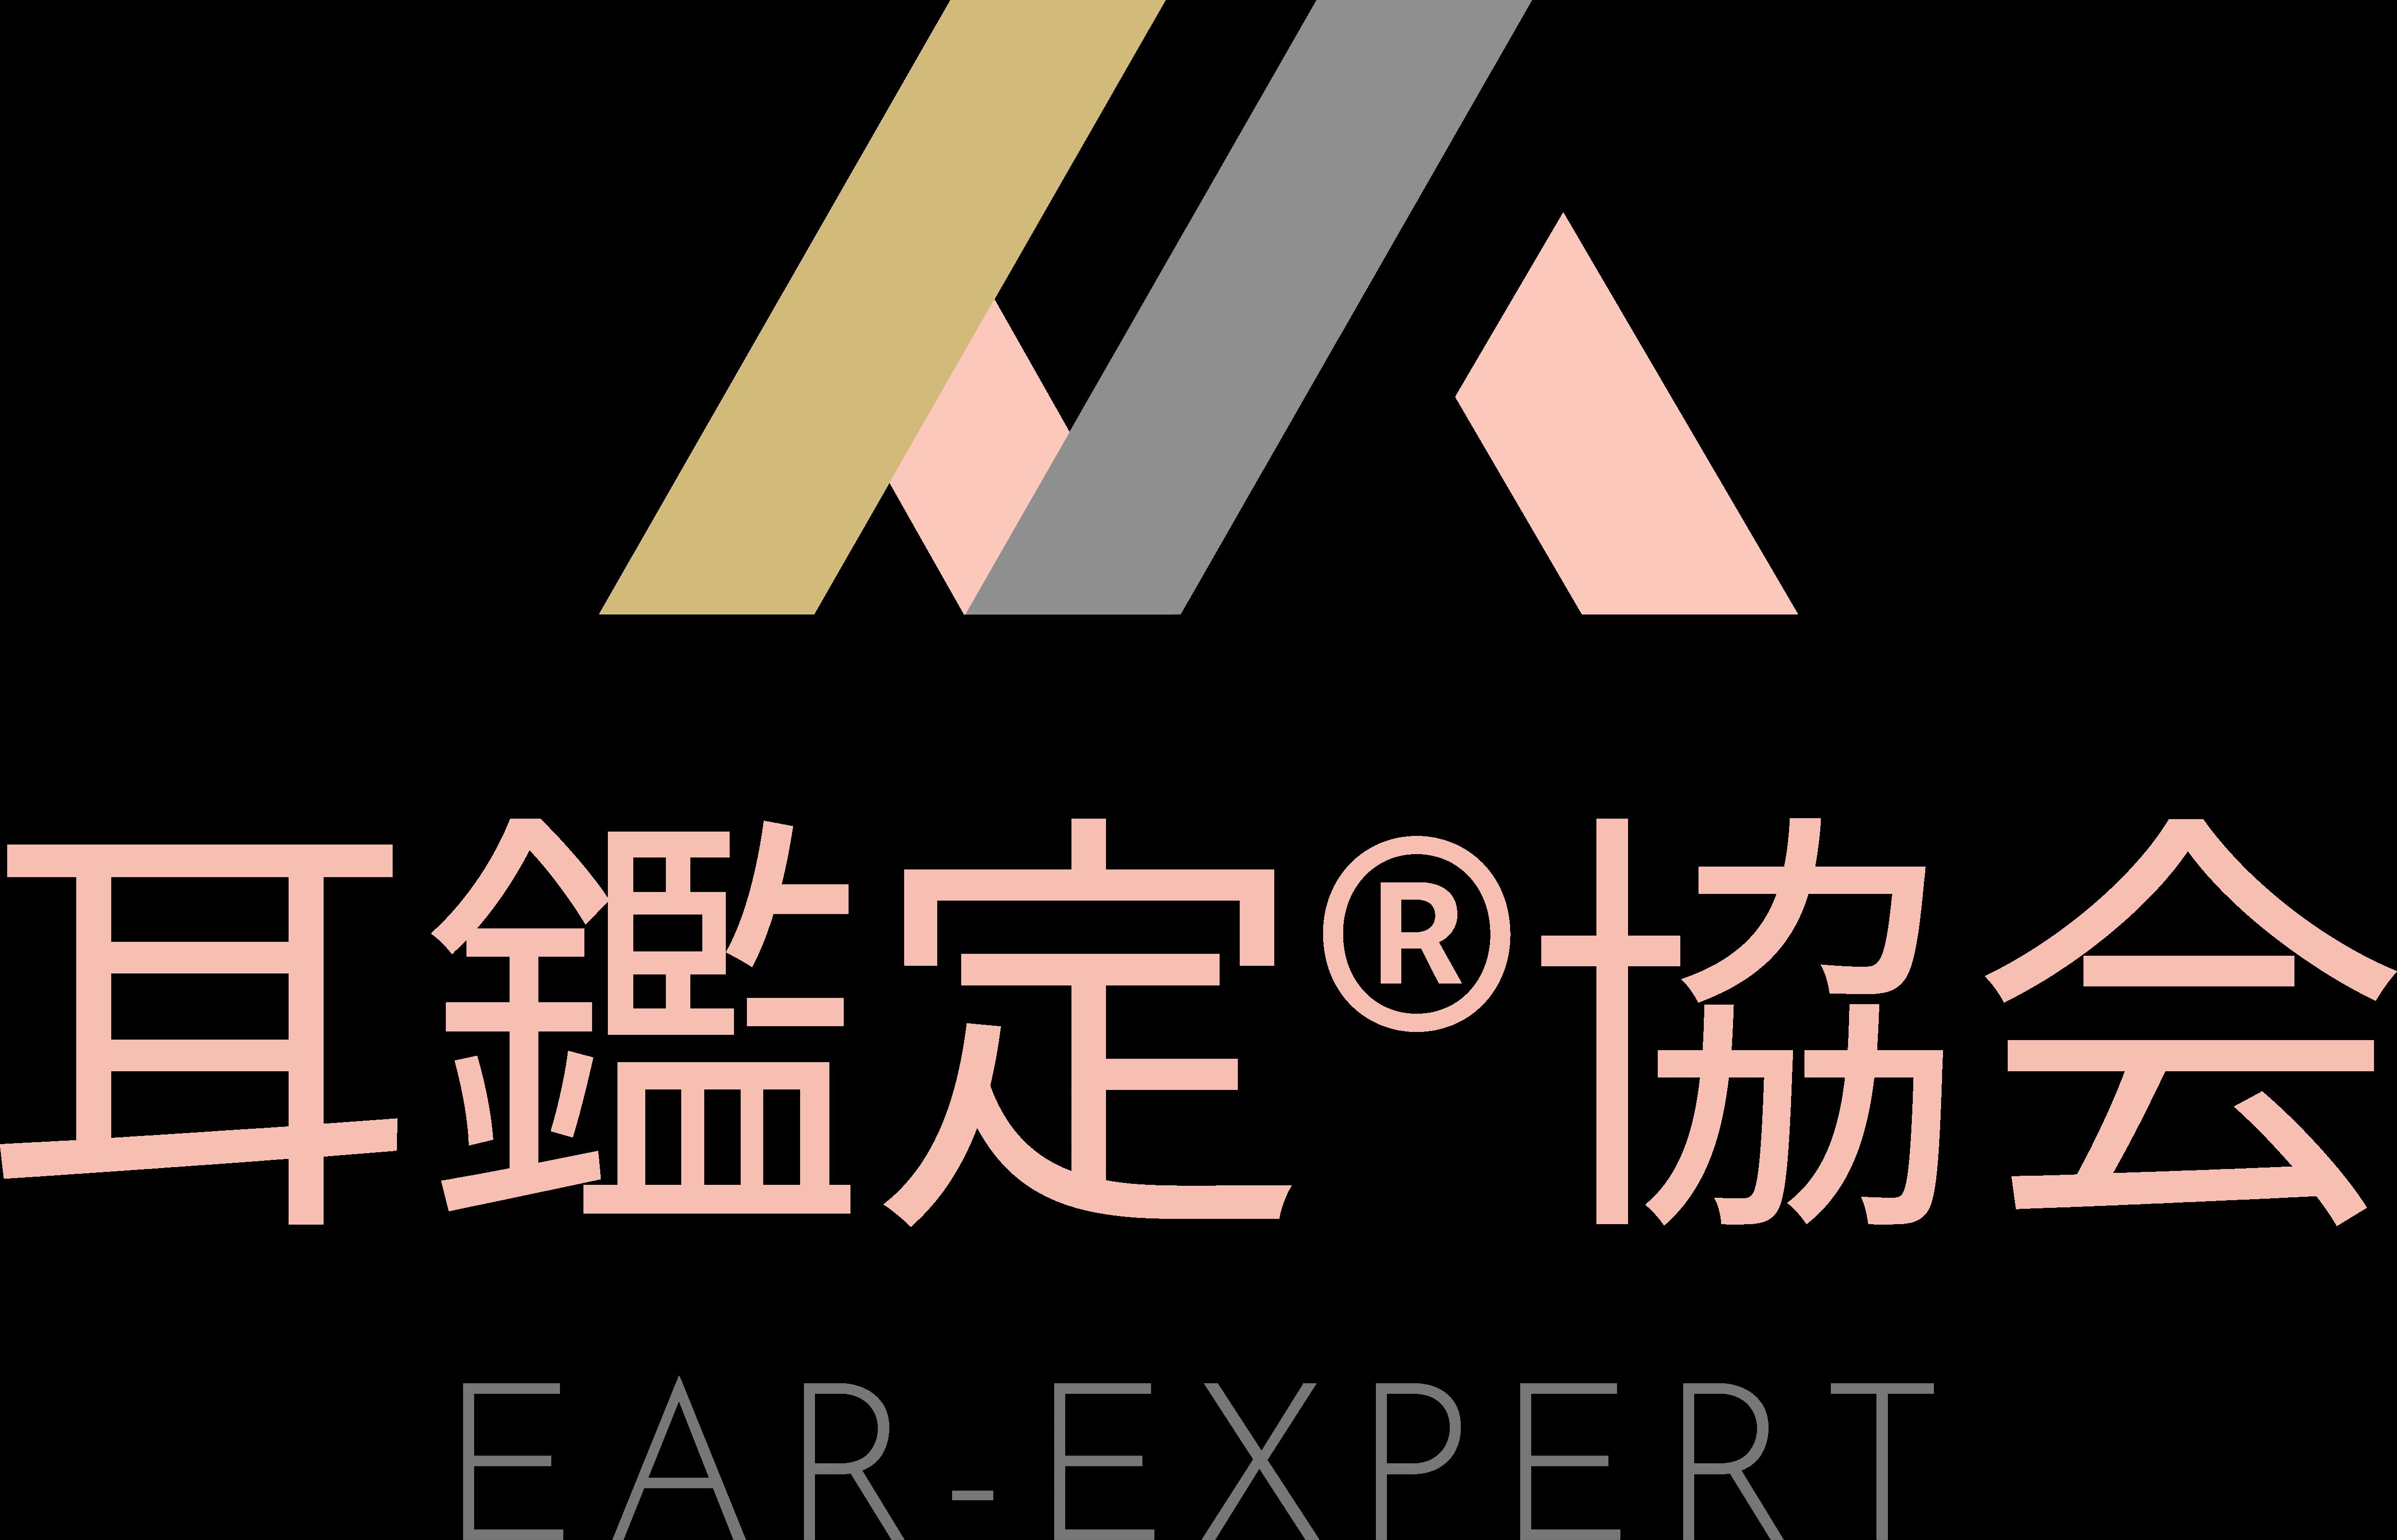 耳鑑定協会-あなたを照らし内観を高める「耳鑑定」